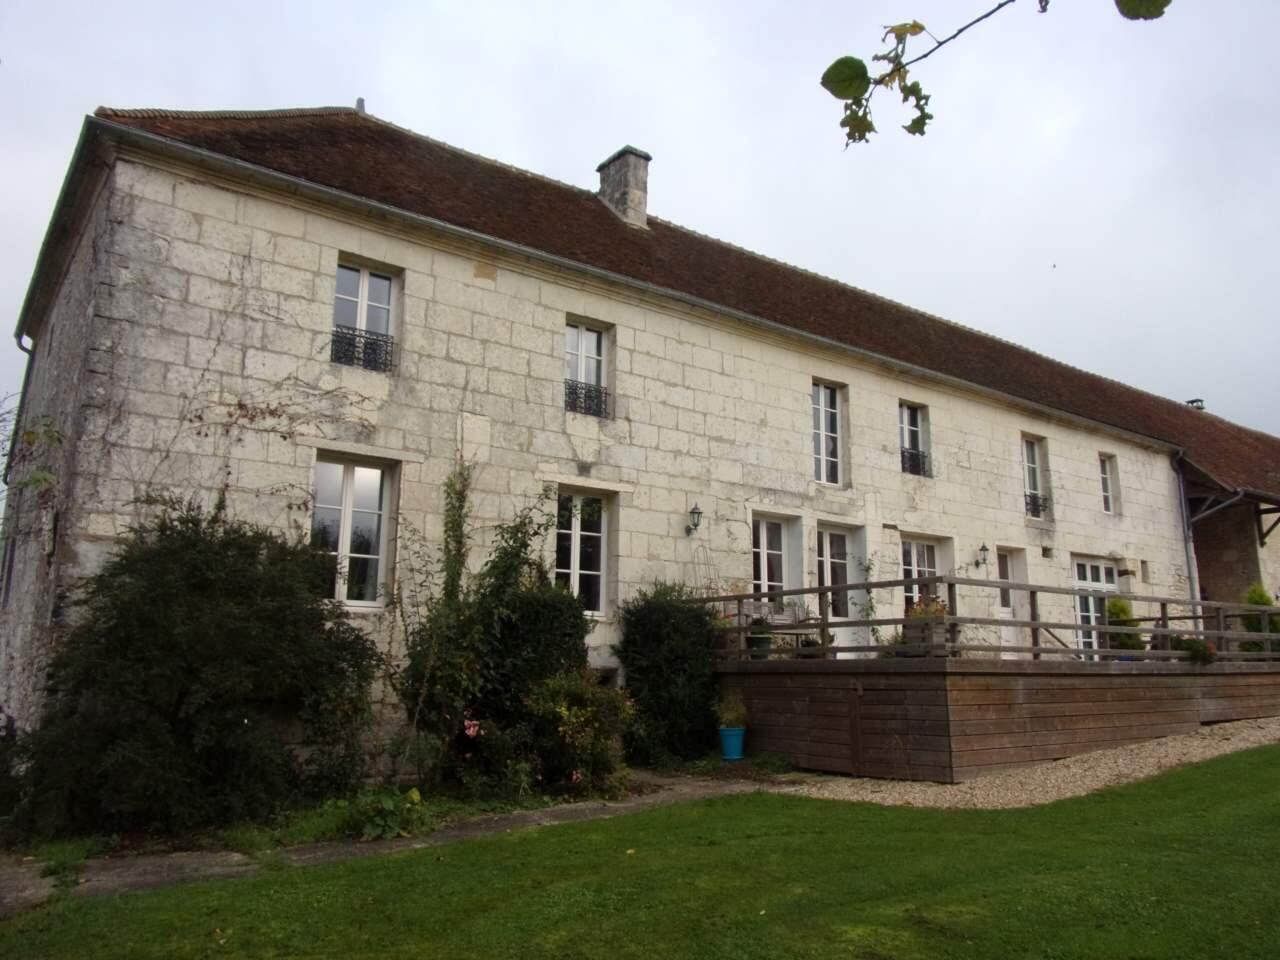 Vente Maison 9 Pièces Mortagne-Au-Perche (61400) : À Vendre 9 Pièces / T9  447 M² 530 400€ Mortagne-Au-Perche à Piscine Mortagne Au Perche